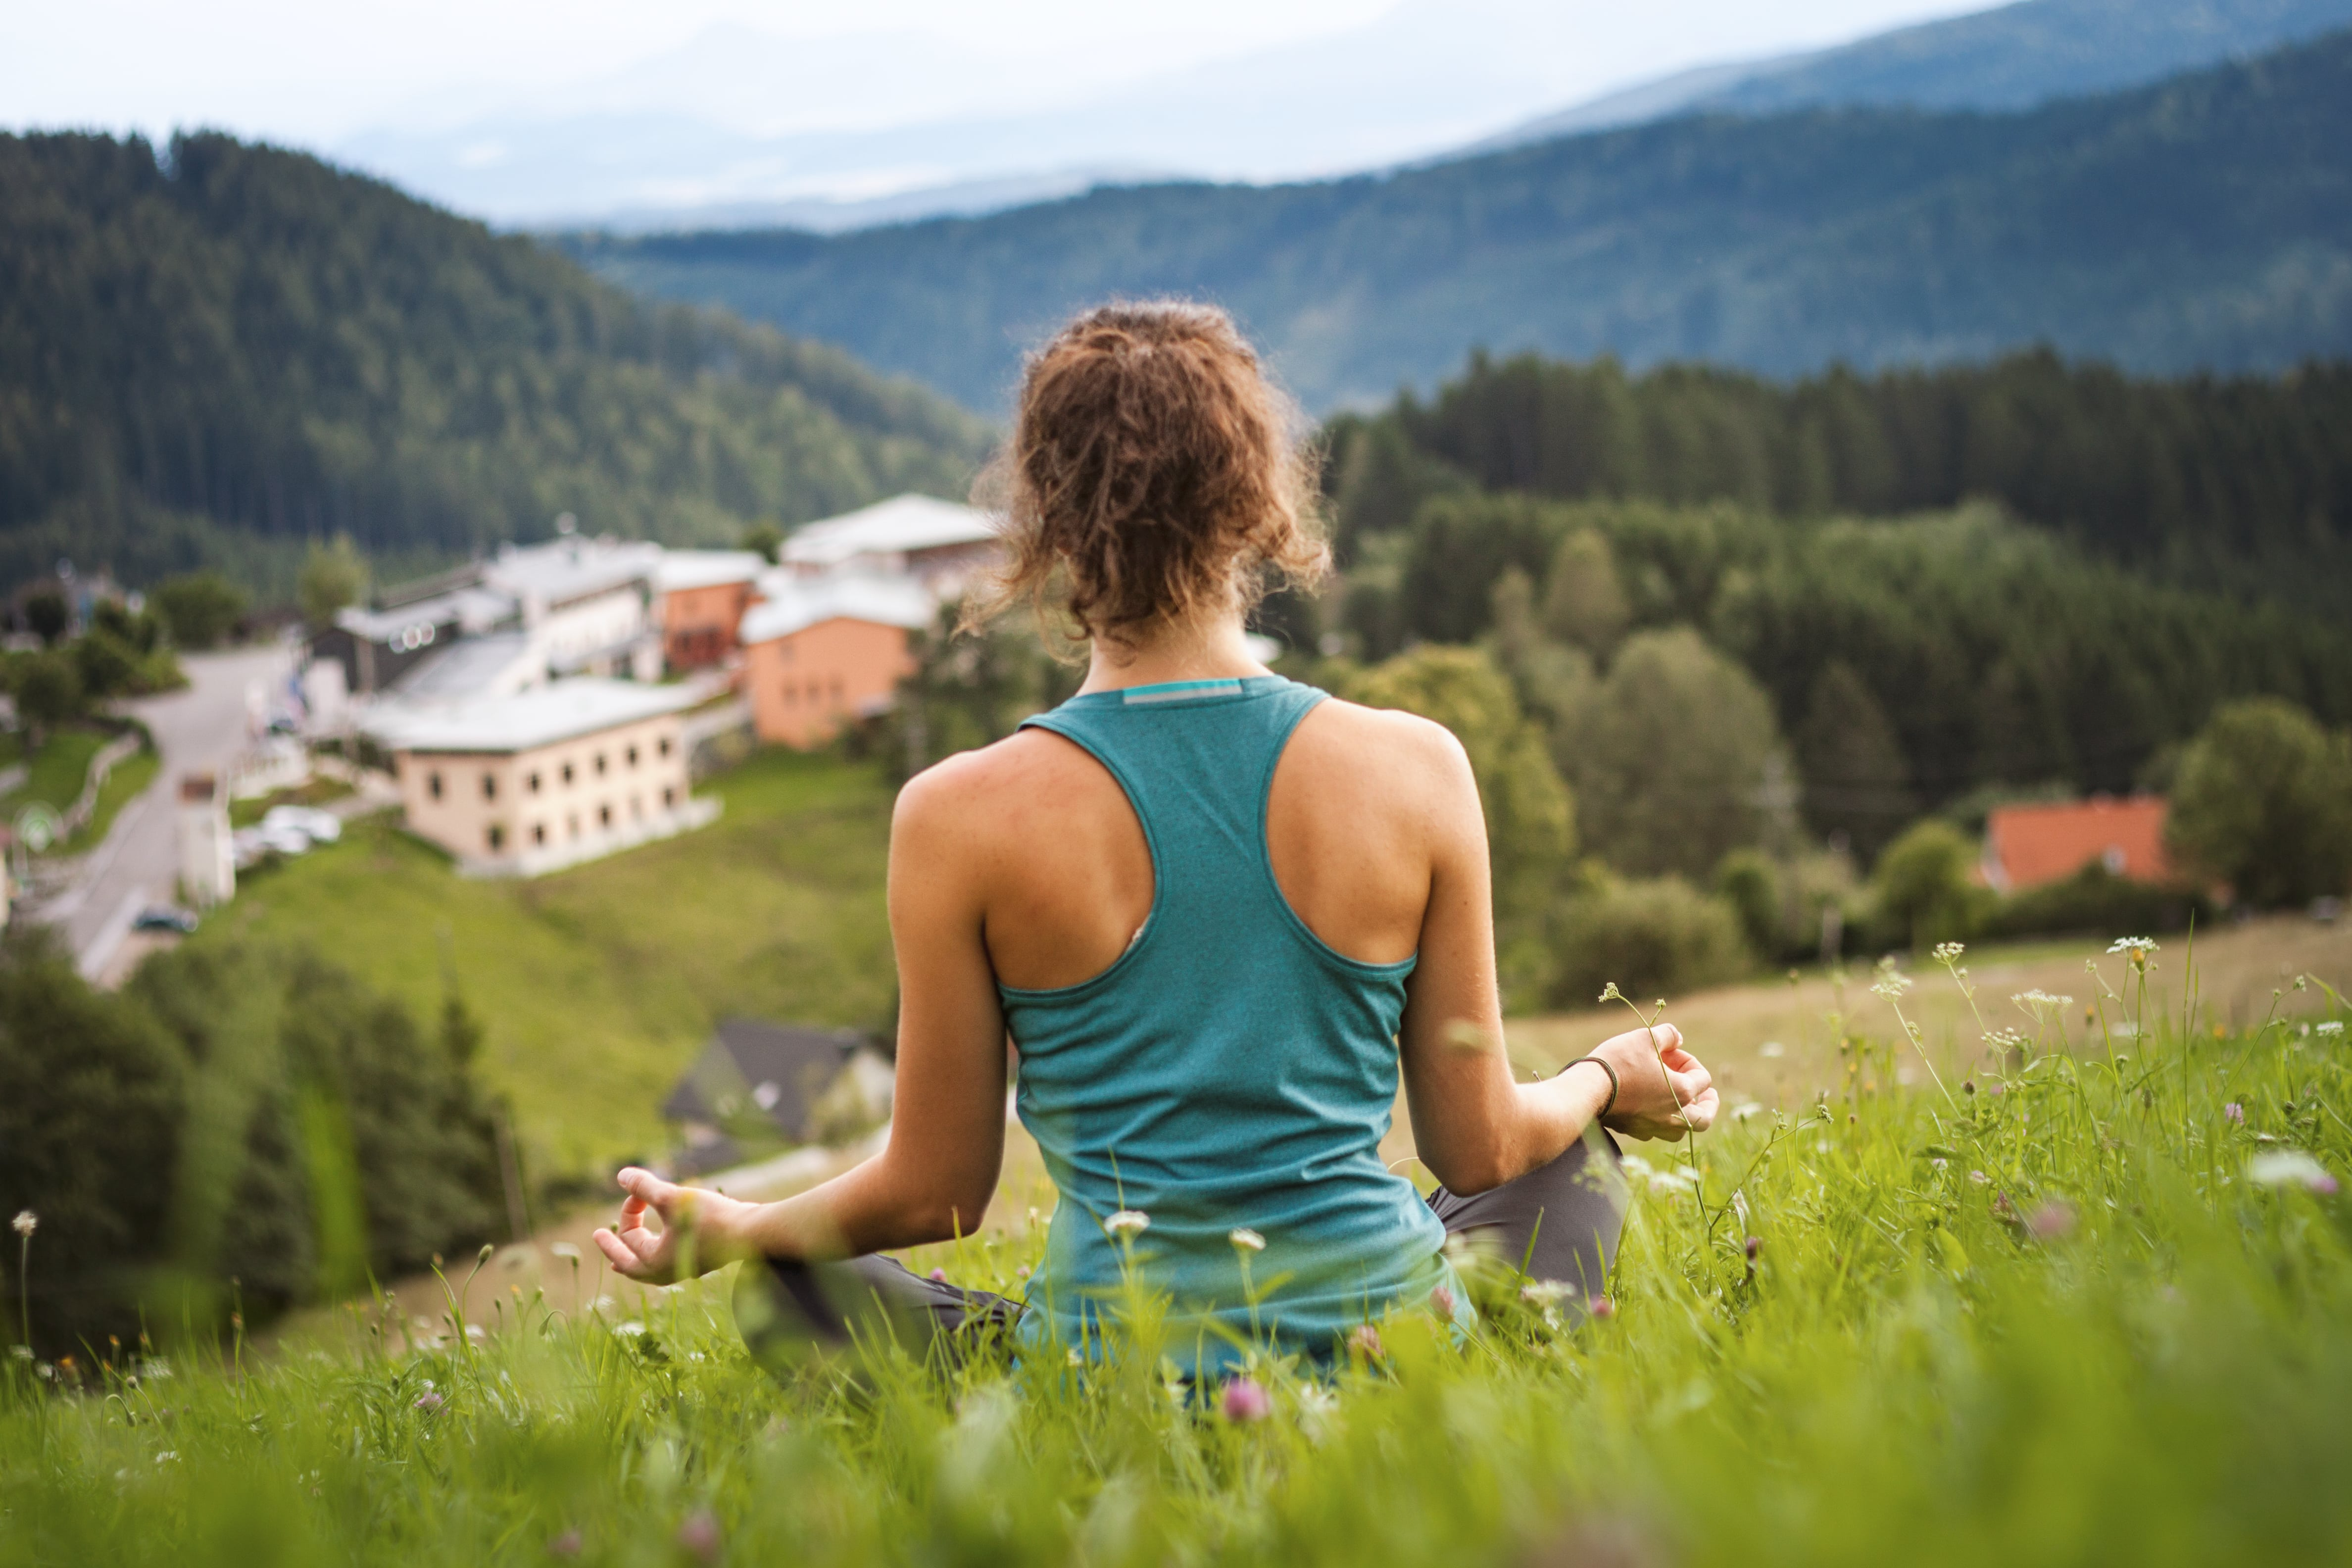 Eine junge Frau sitzt im Schneidersitz in einer Wiese und macht Yogaübungen. JUFA Hotels bietet erholsamen Thermen- und Badespass für die ganze Familie.